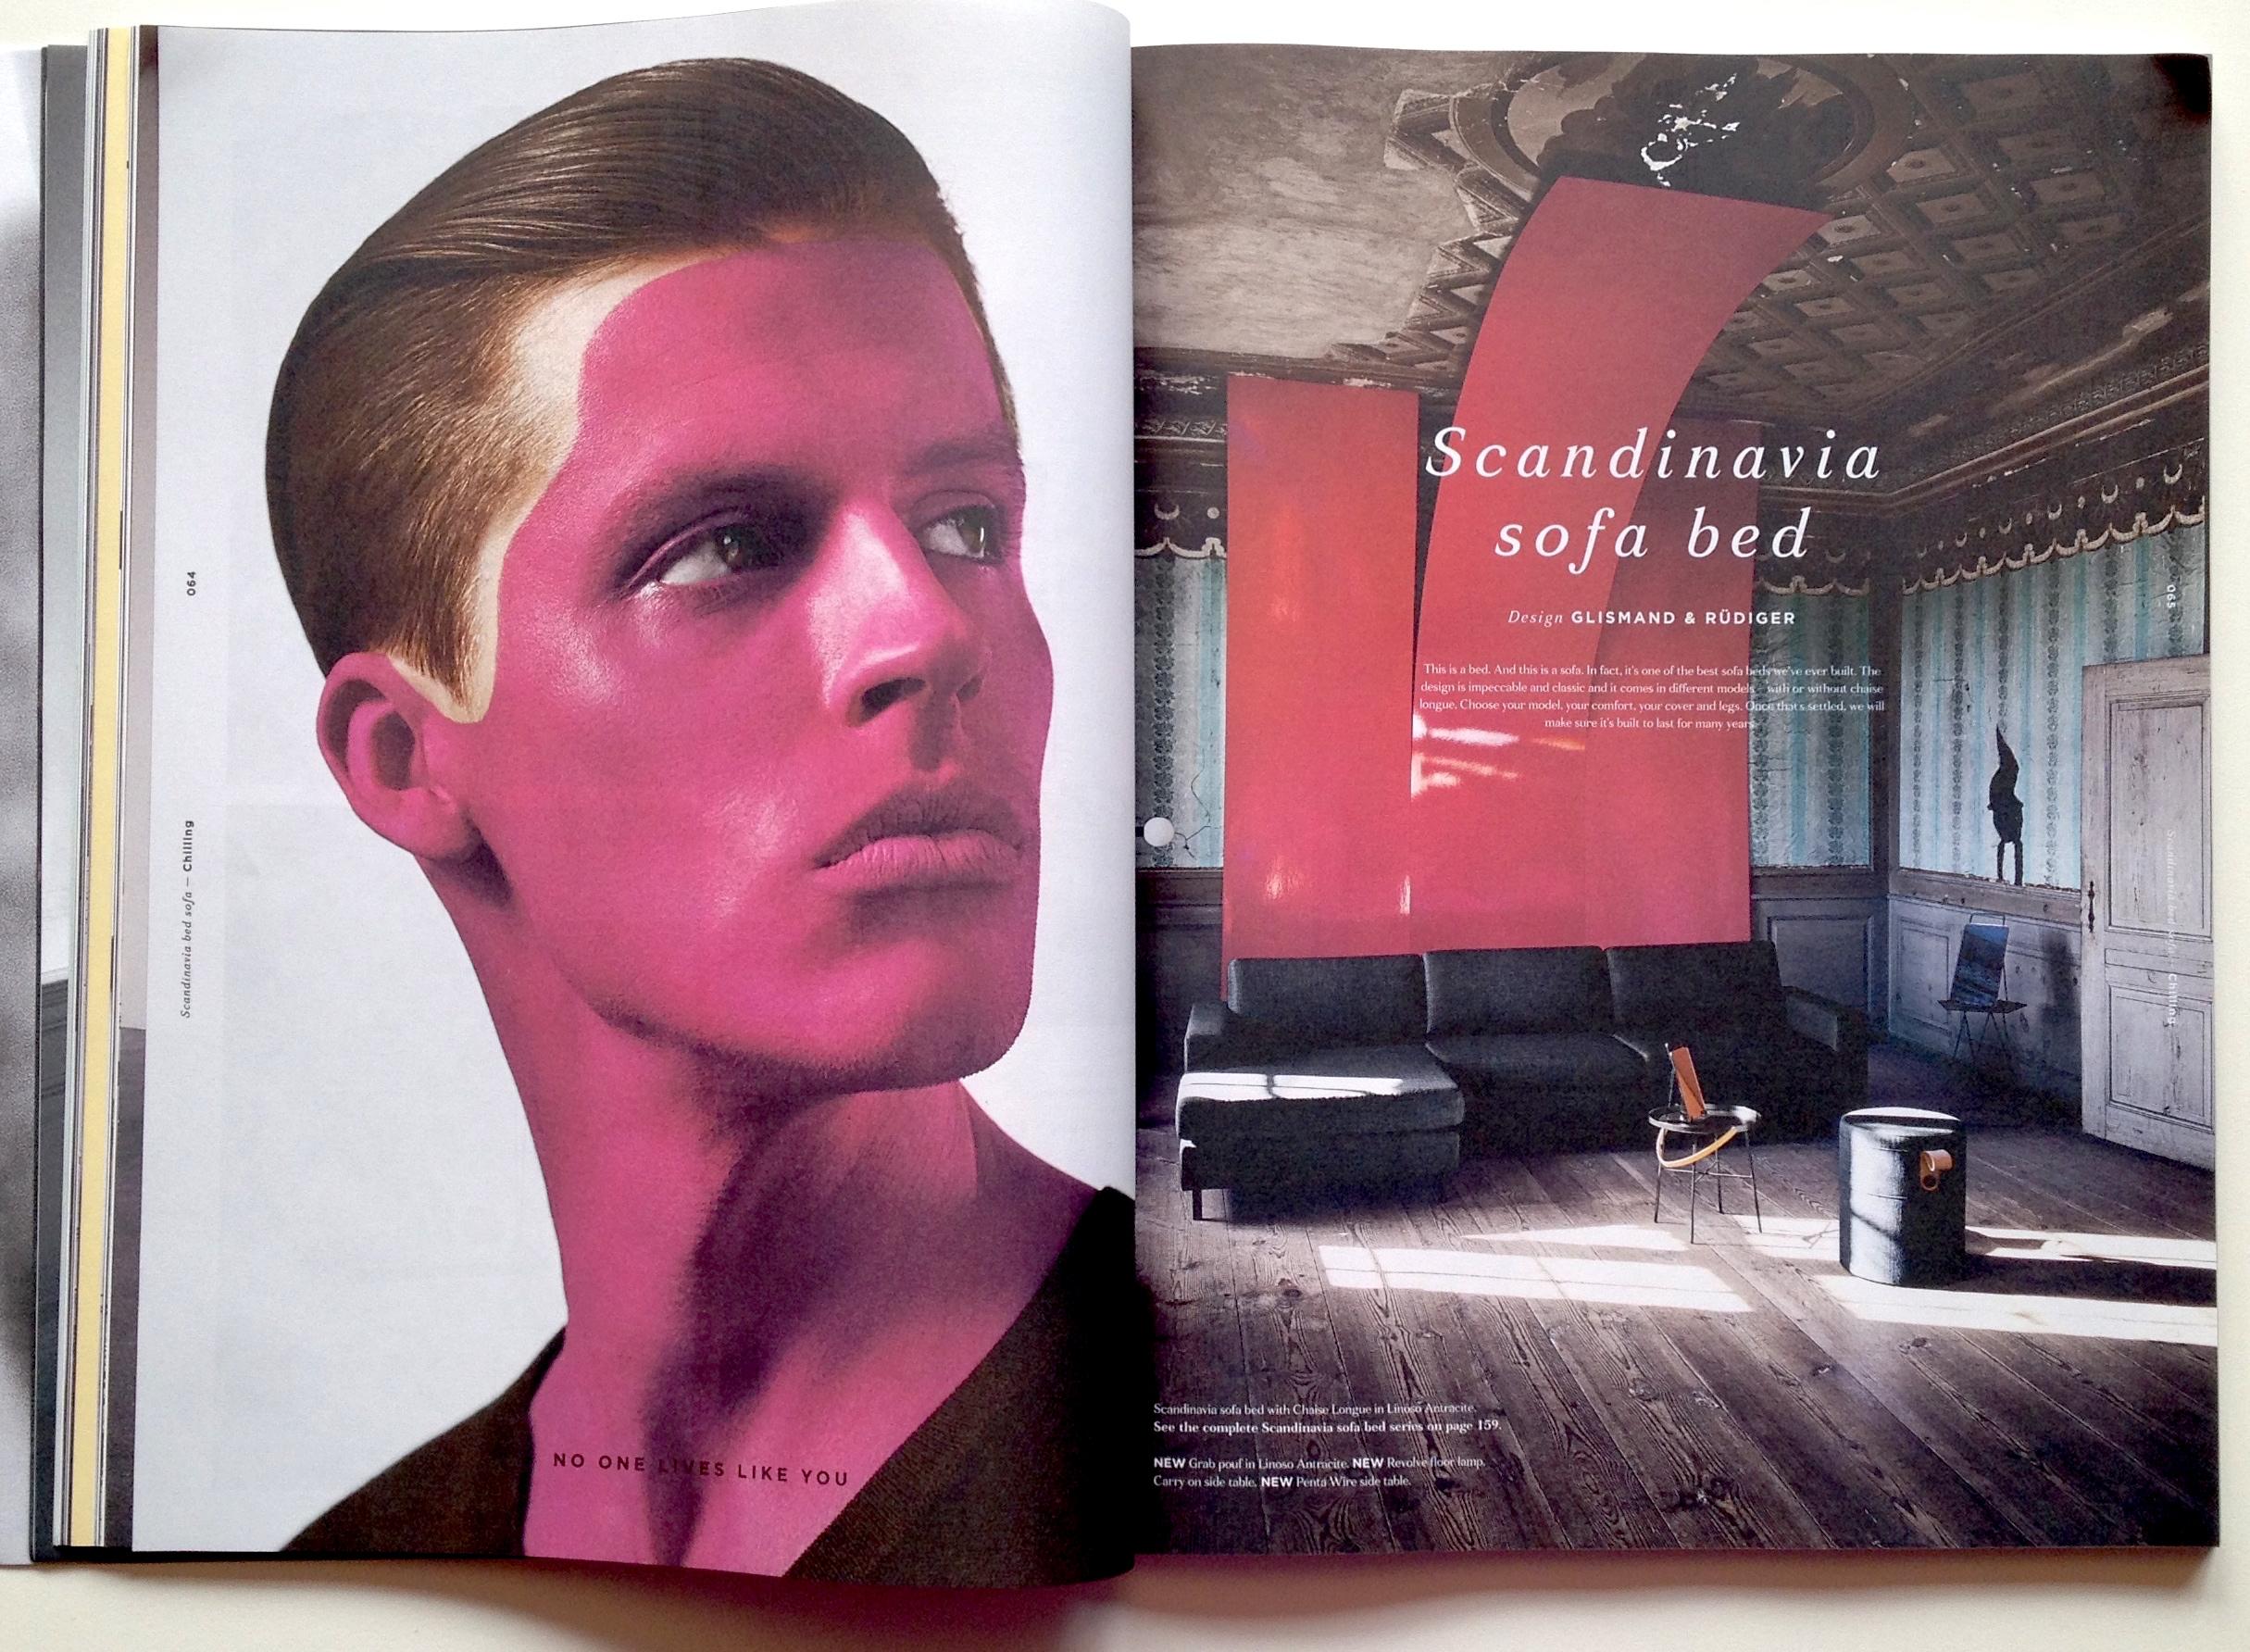 Man kan godt spørge sig selv om, hvad manden med den overdrevede rødmen - eller hudlidelse?-laver i et møbelkatalog (stakkels dreng). Men originaliteten og 'vi-gør-dét-ingen-andre-gør'-mentaliteten er jeg fan af.